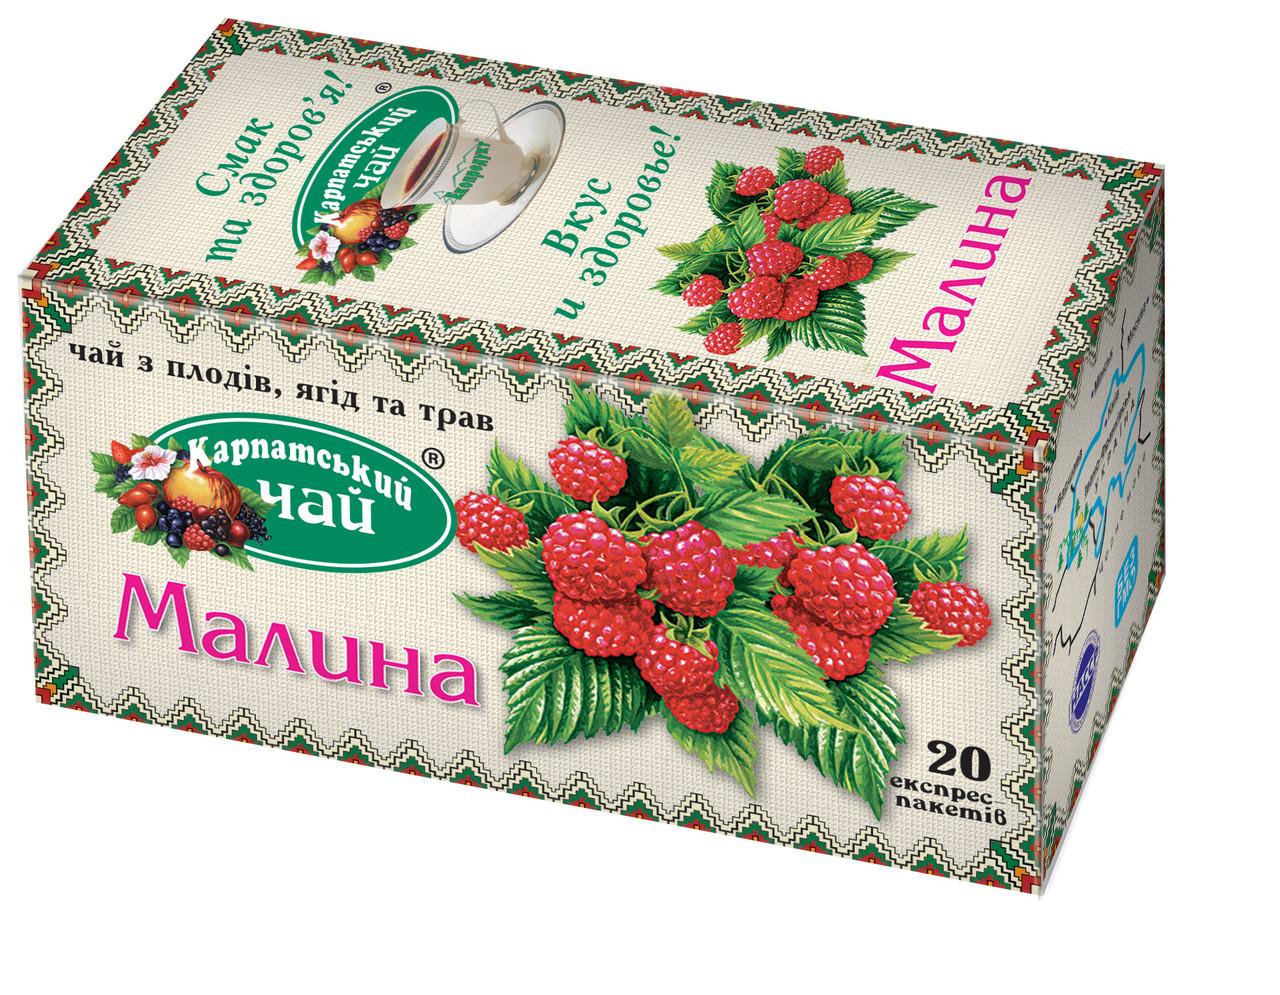 Карпатський чай Малина 20 експрес-пакетиків